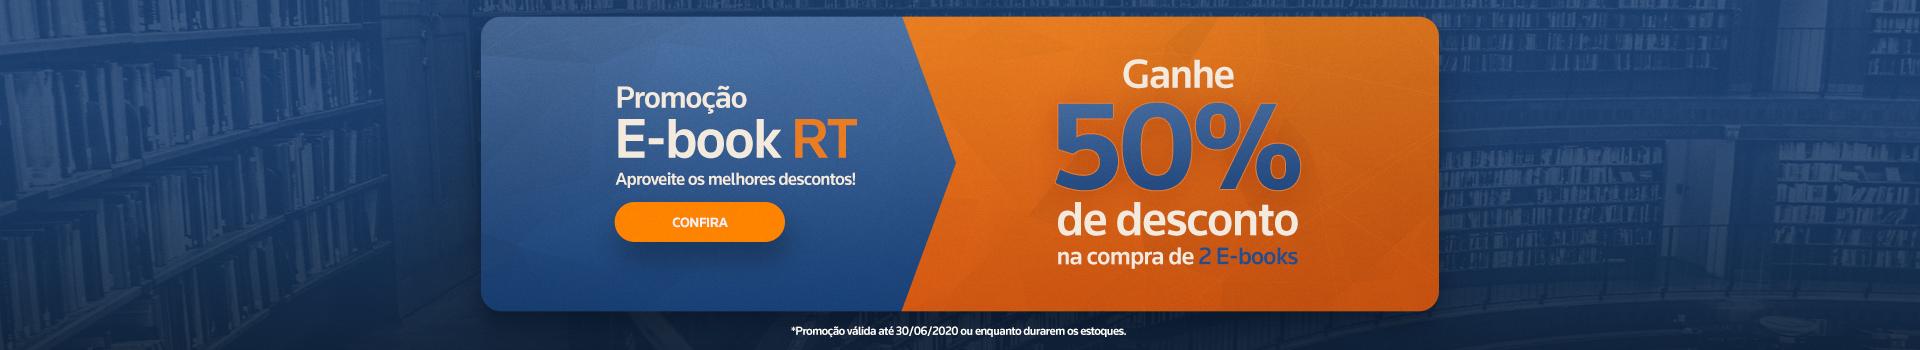 2 E-books - 50%